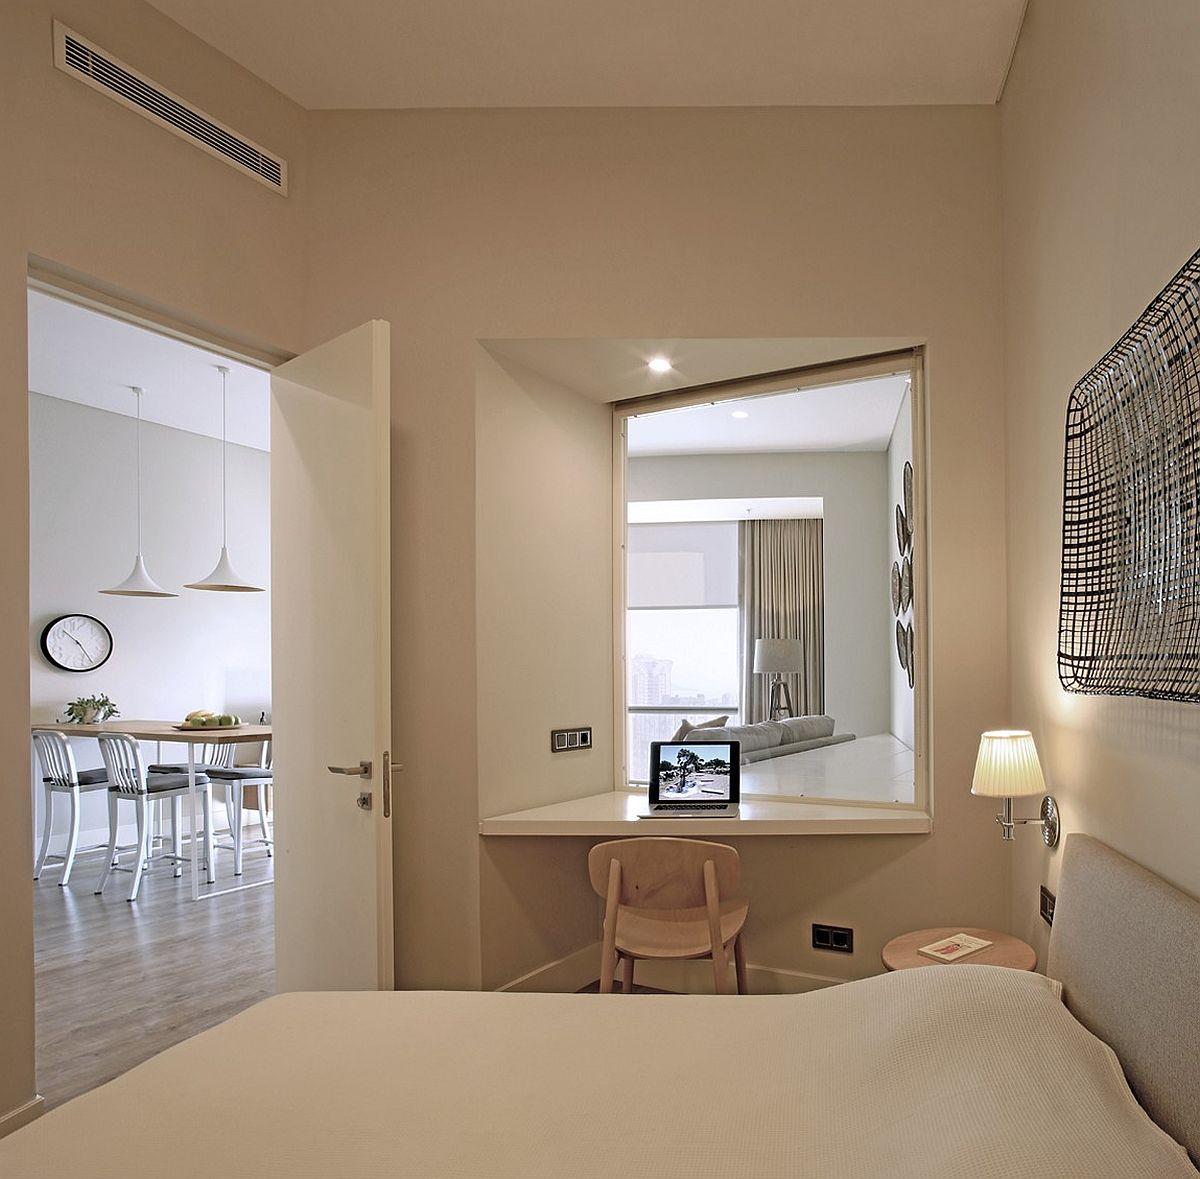 Hình ảnh một góc phòng ngủ màu trắng chủ đạo trong căn hộ nhỏ với bàn làm việc, trang điểm đặt ở góc phòng